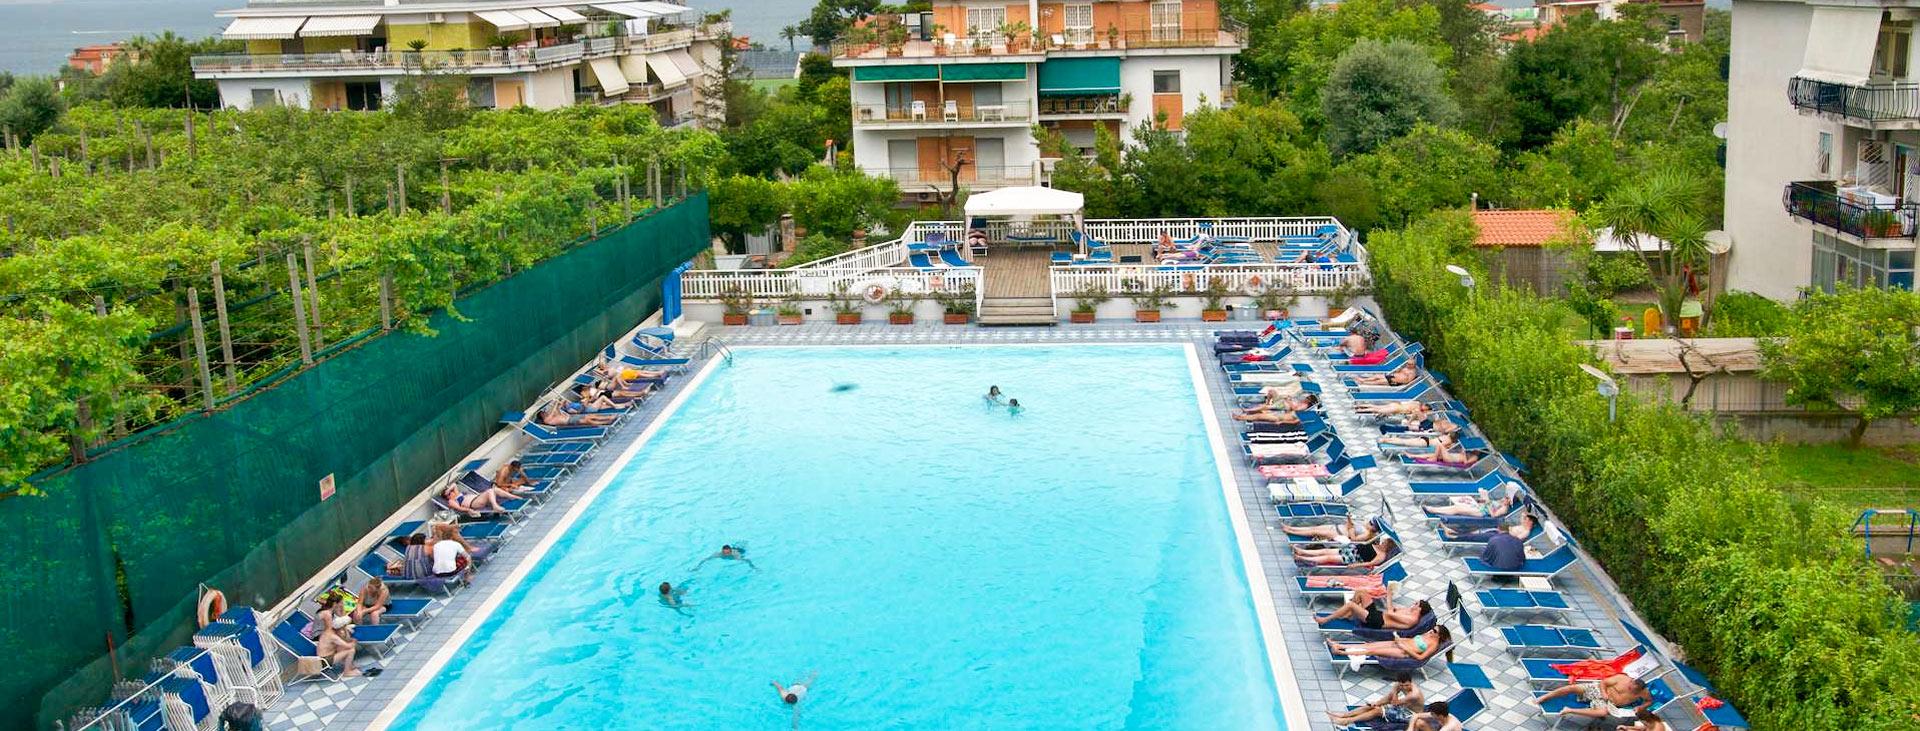 Grand Hotel Flora, Sorrento, Amalfikusten, Italien